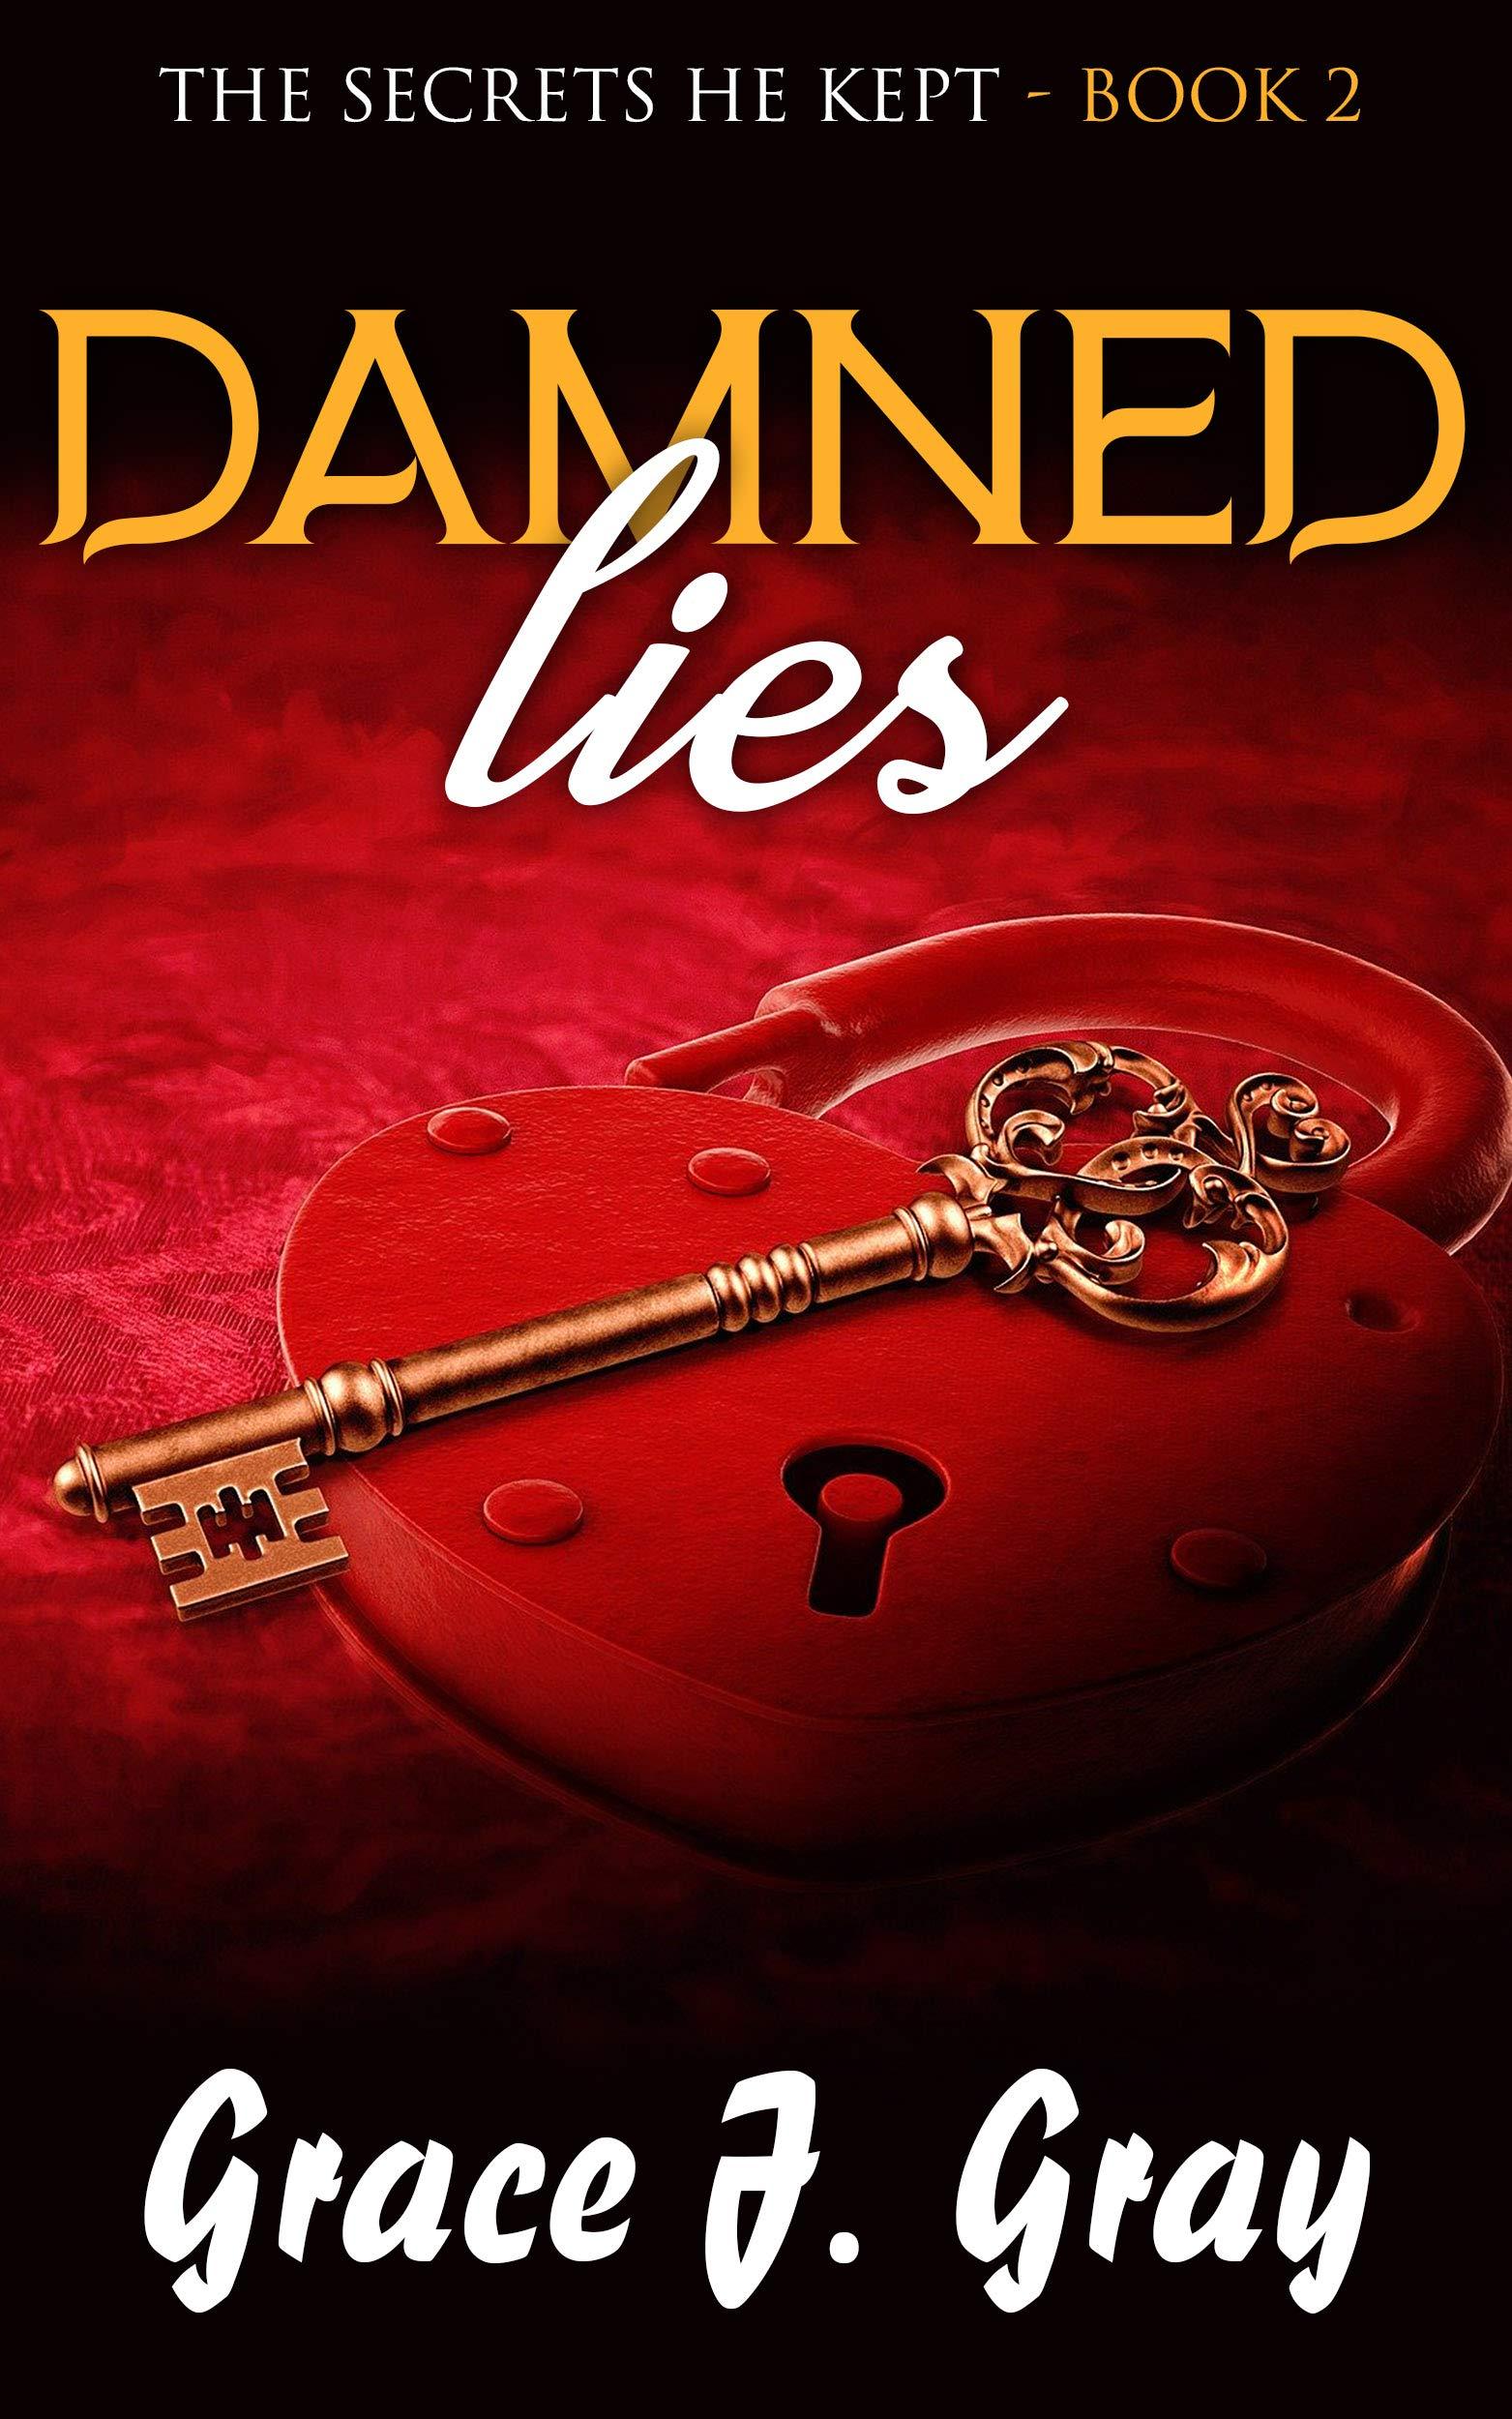 Damned Lies (The Secrets He Kept Book 2)